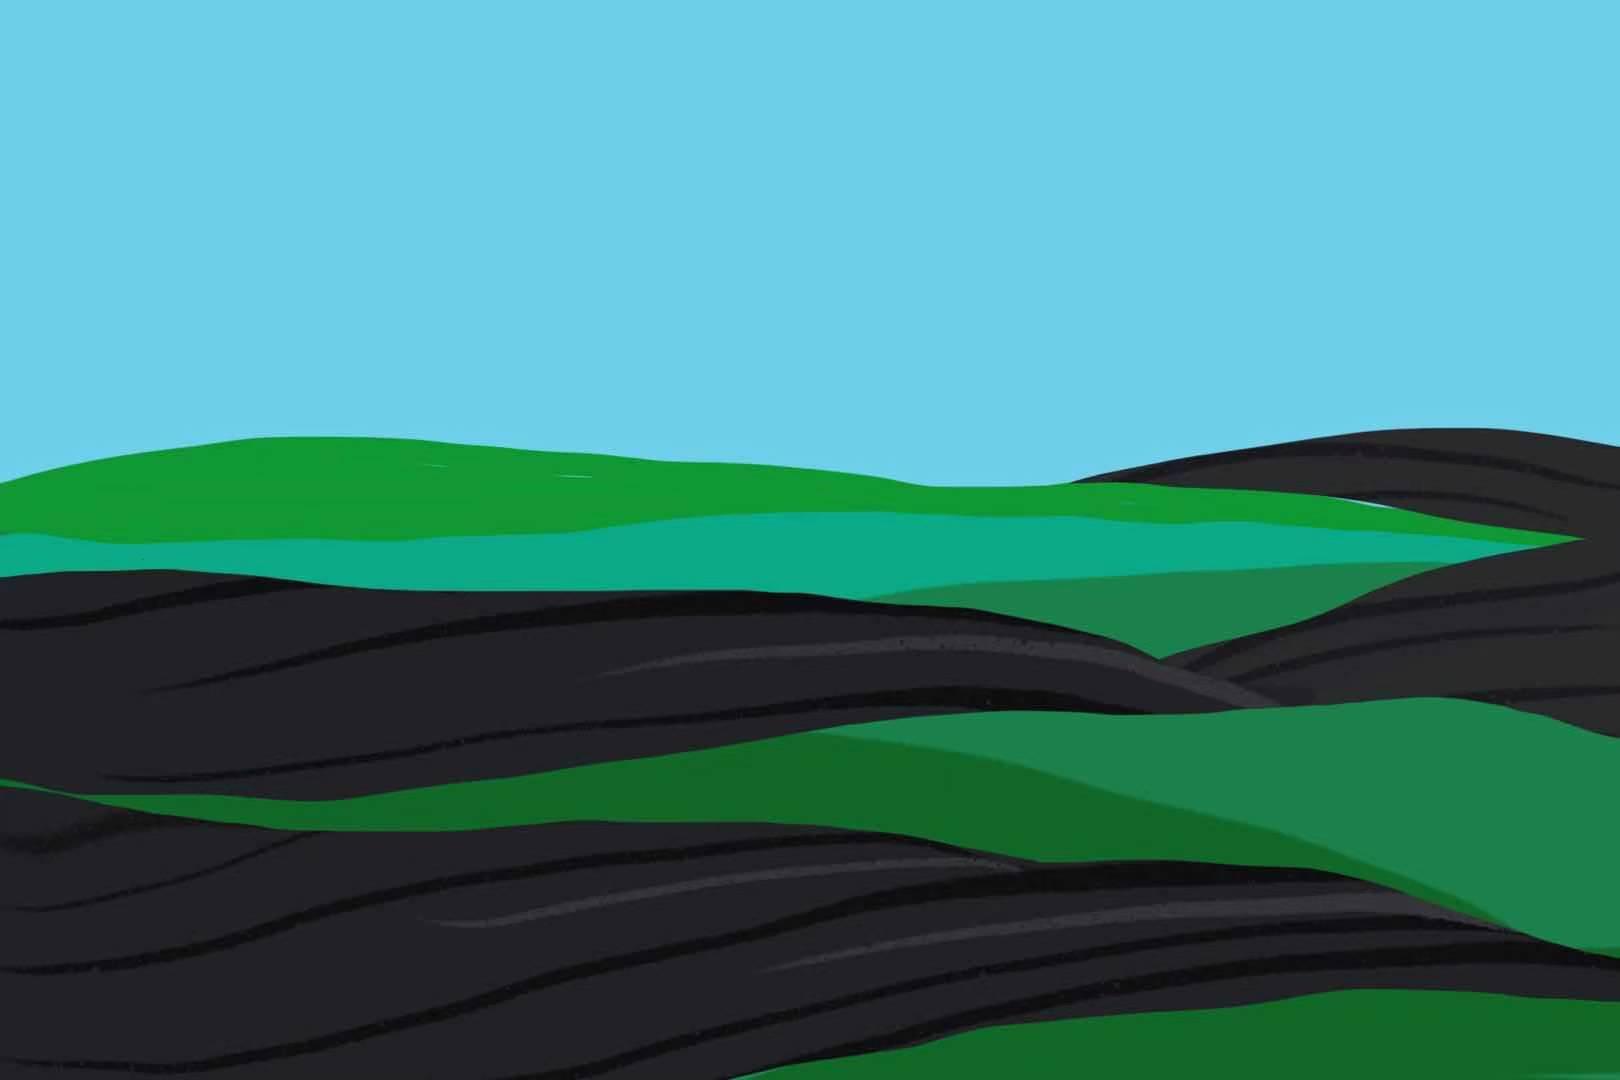 土壤的颜色——东北黑土